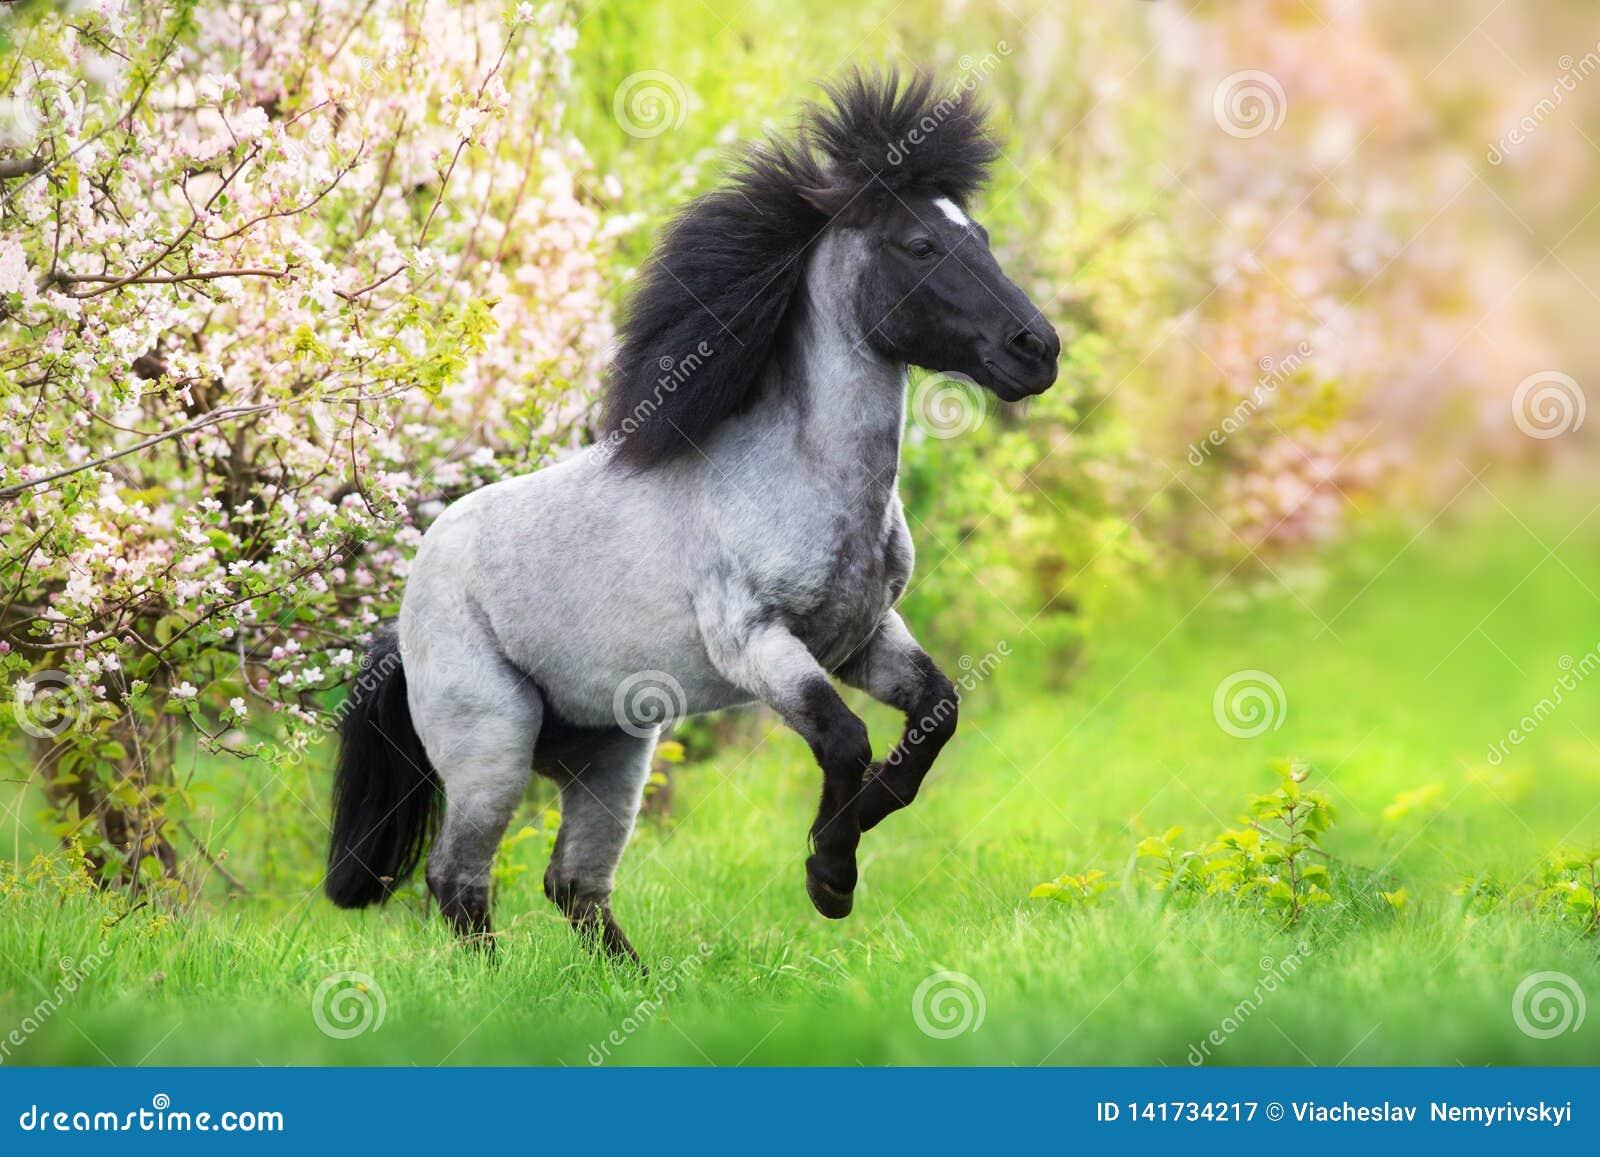 Pony rearing up